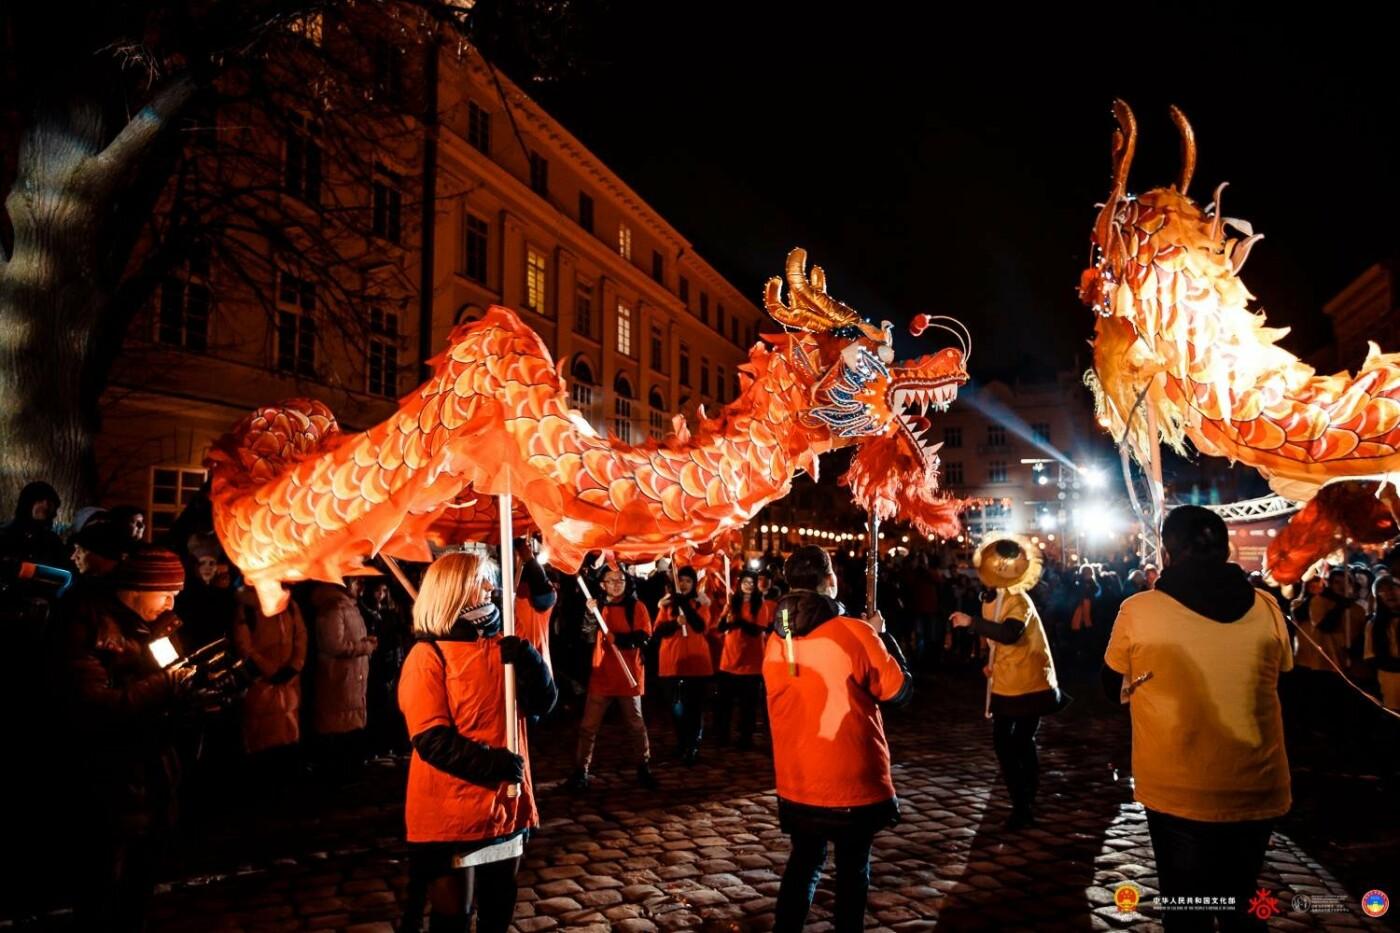 Фото: Китайський Новий рік у Львові 2019, фейсбук